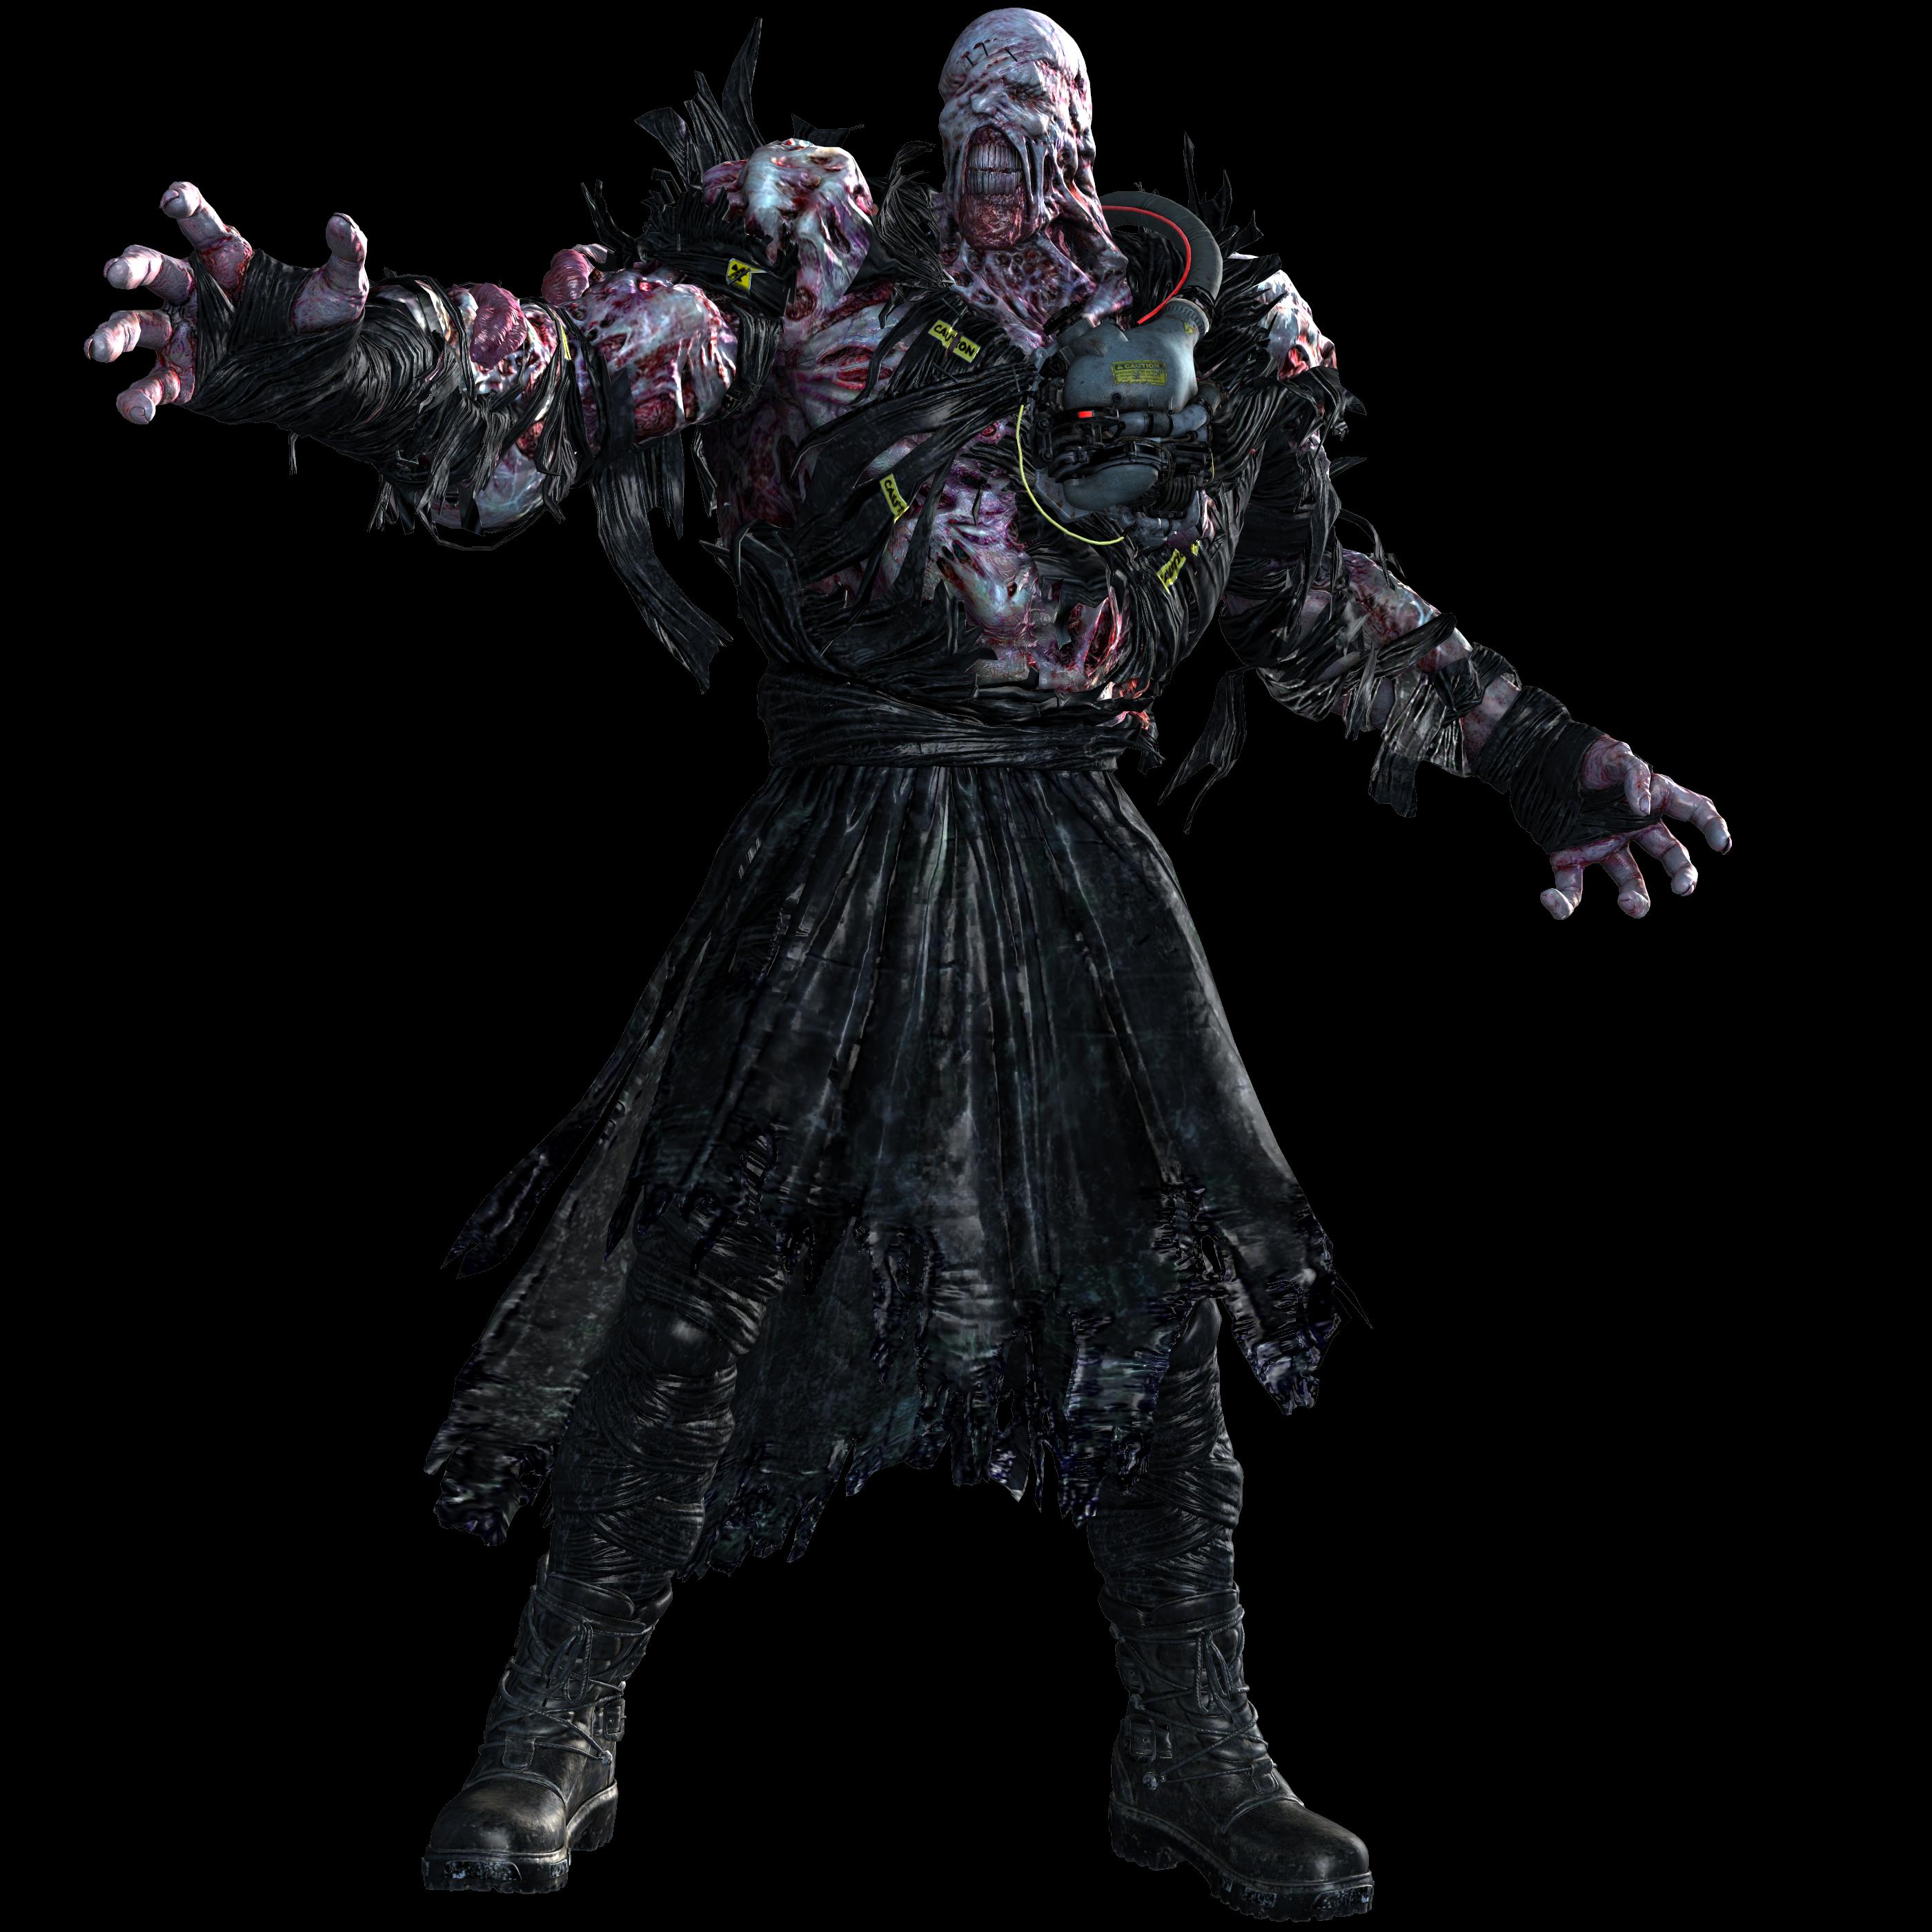 Nemesis Injured Resident Evil 3 Remake By Tyrant0400tp On Deviantart